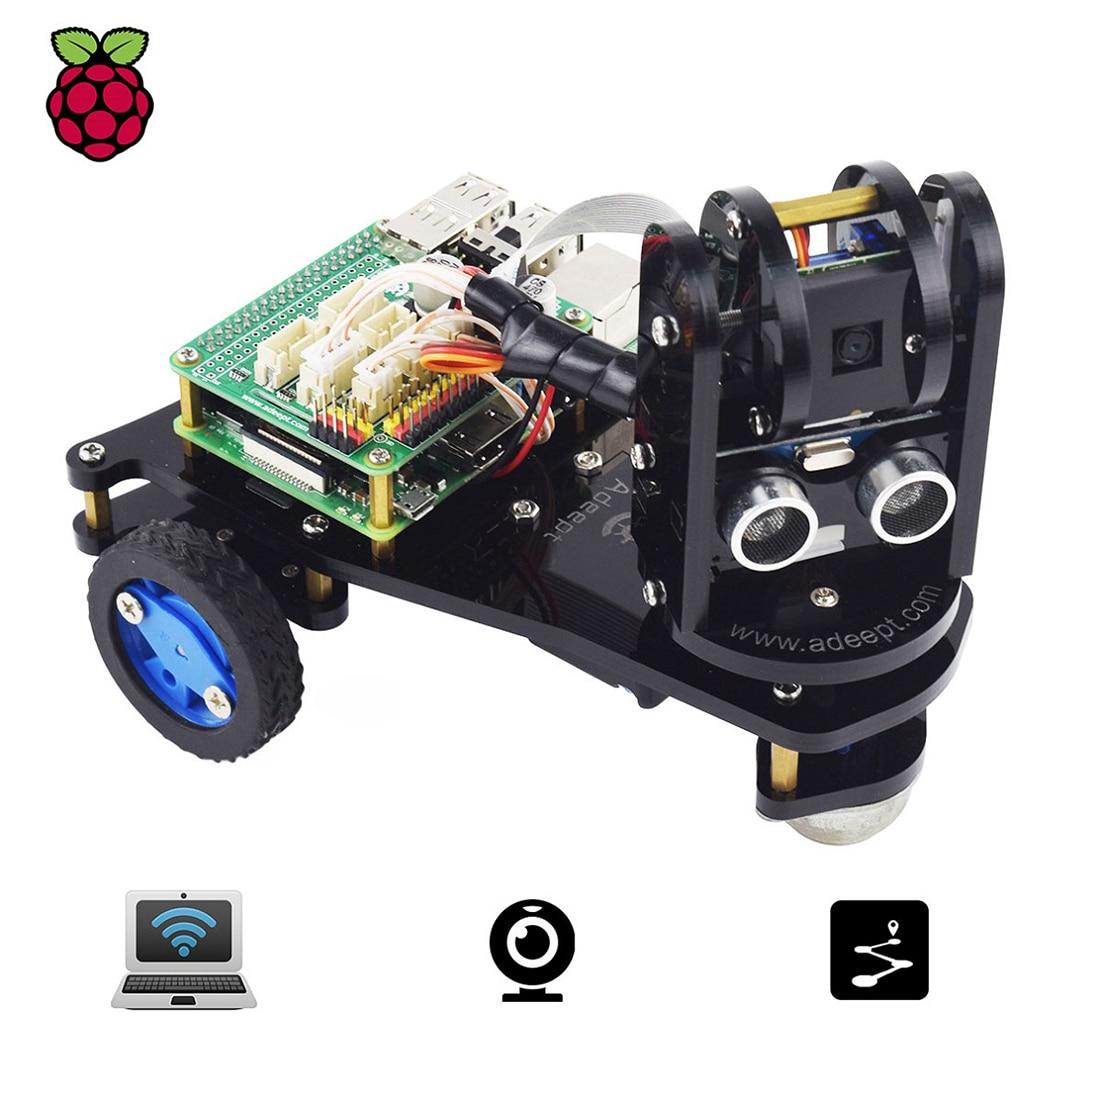 Adeept picar-a WiFi 3WD Robot inteligente coche Kit de transmisión de vídeo en tiempo Real Robot Car Stem Robot Educativo para Raspberry Pi4/3